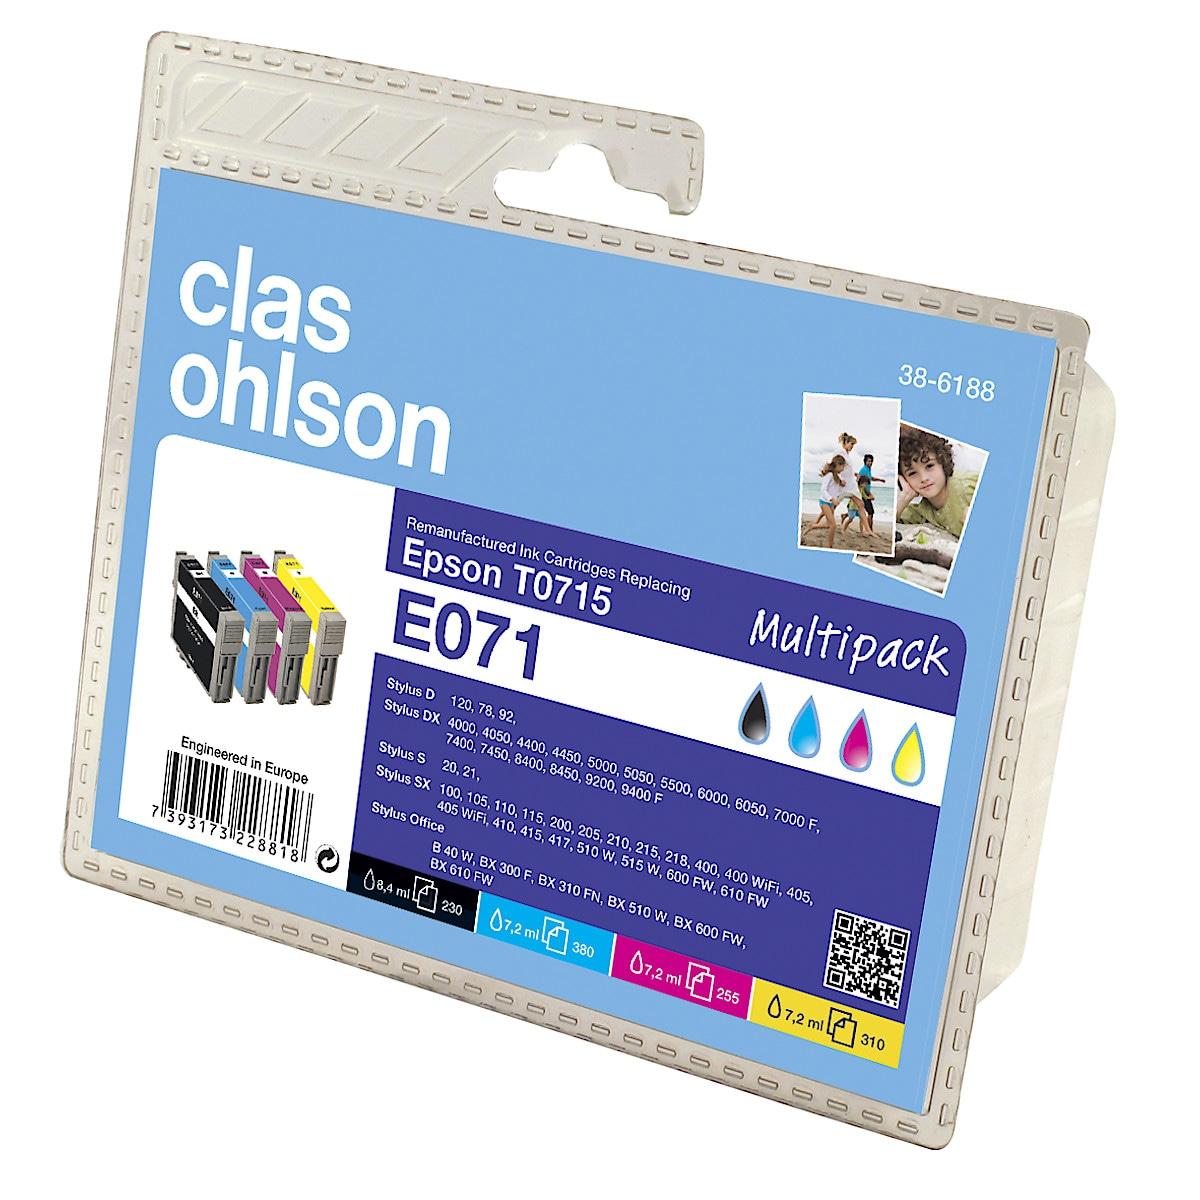 Bläckpatron Epson T0711 till T0715  Clas Ohlson